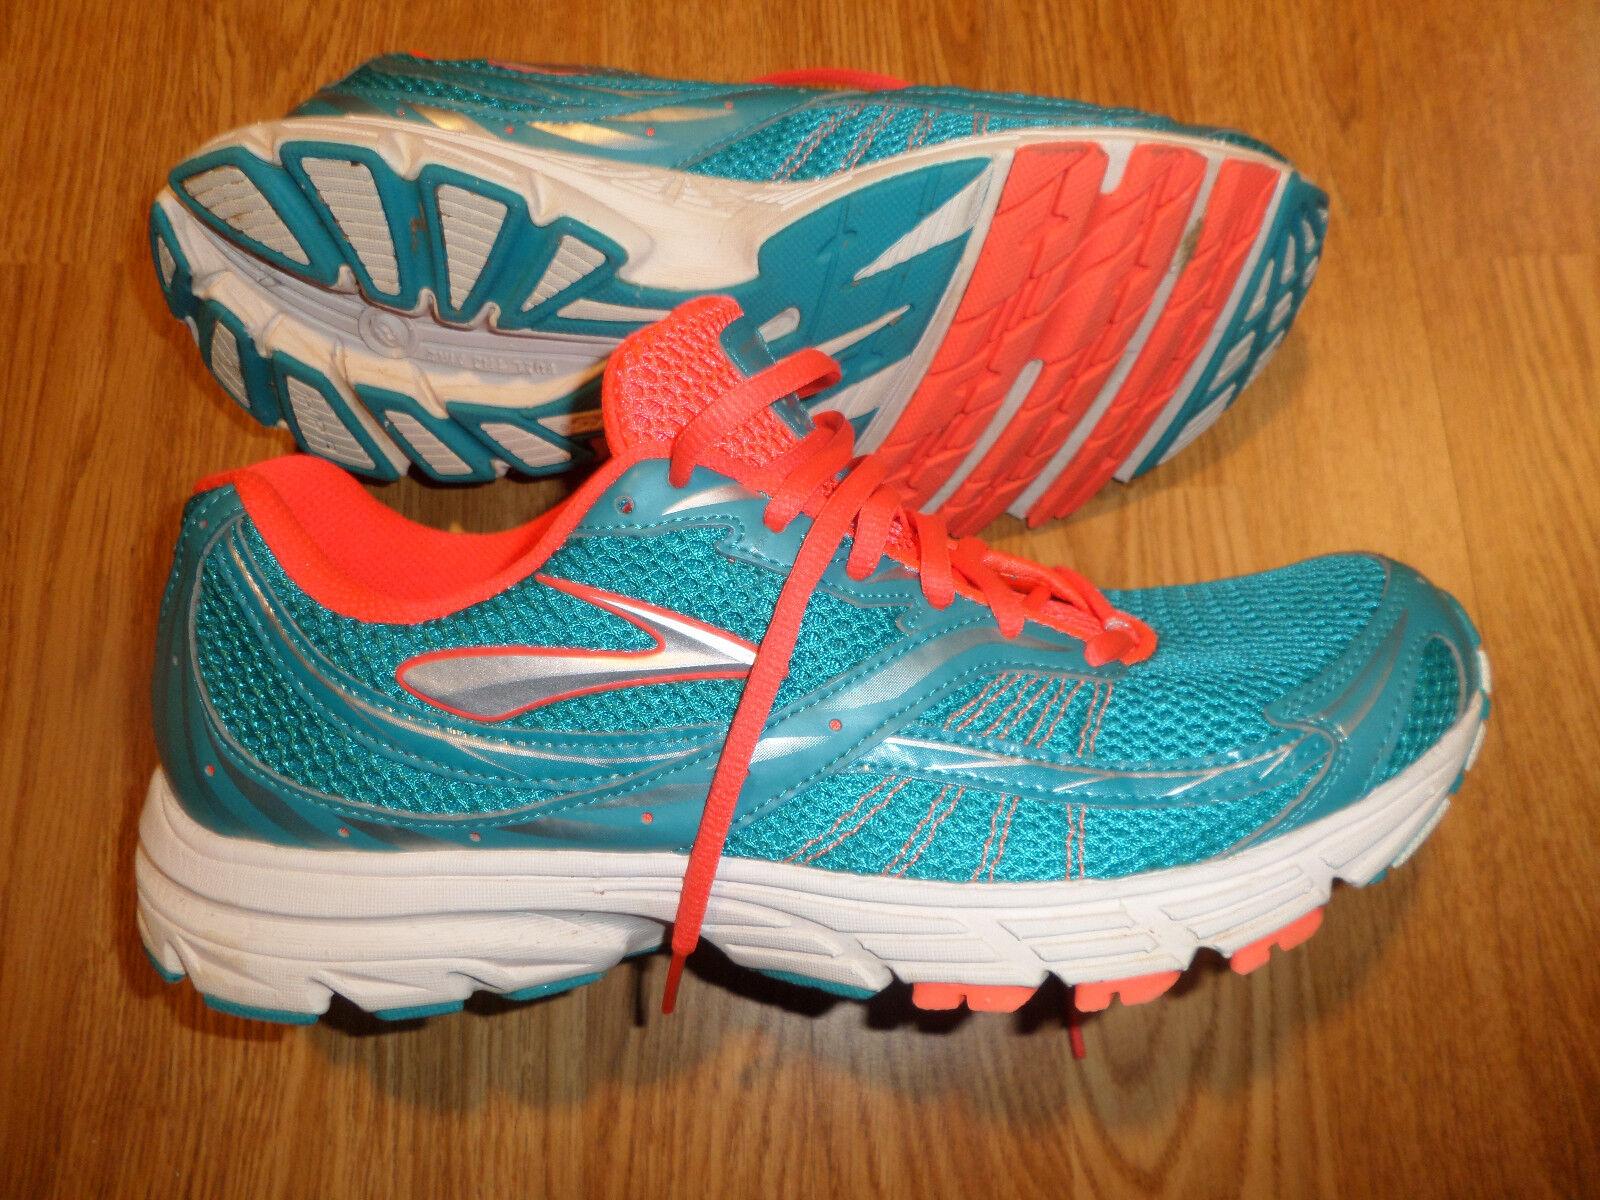 BROOKS LAUNCH CROSS TRAINING RUNNING Schuhe WOMEN'S 11 M RTL 100